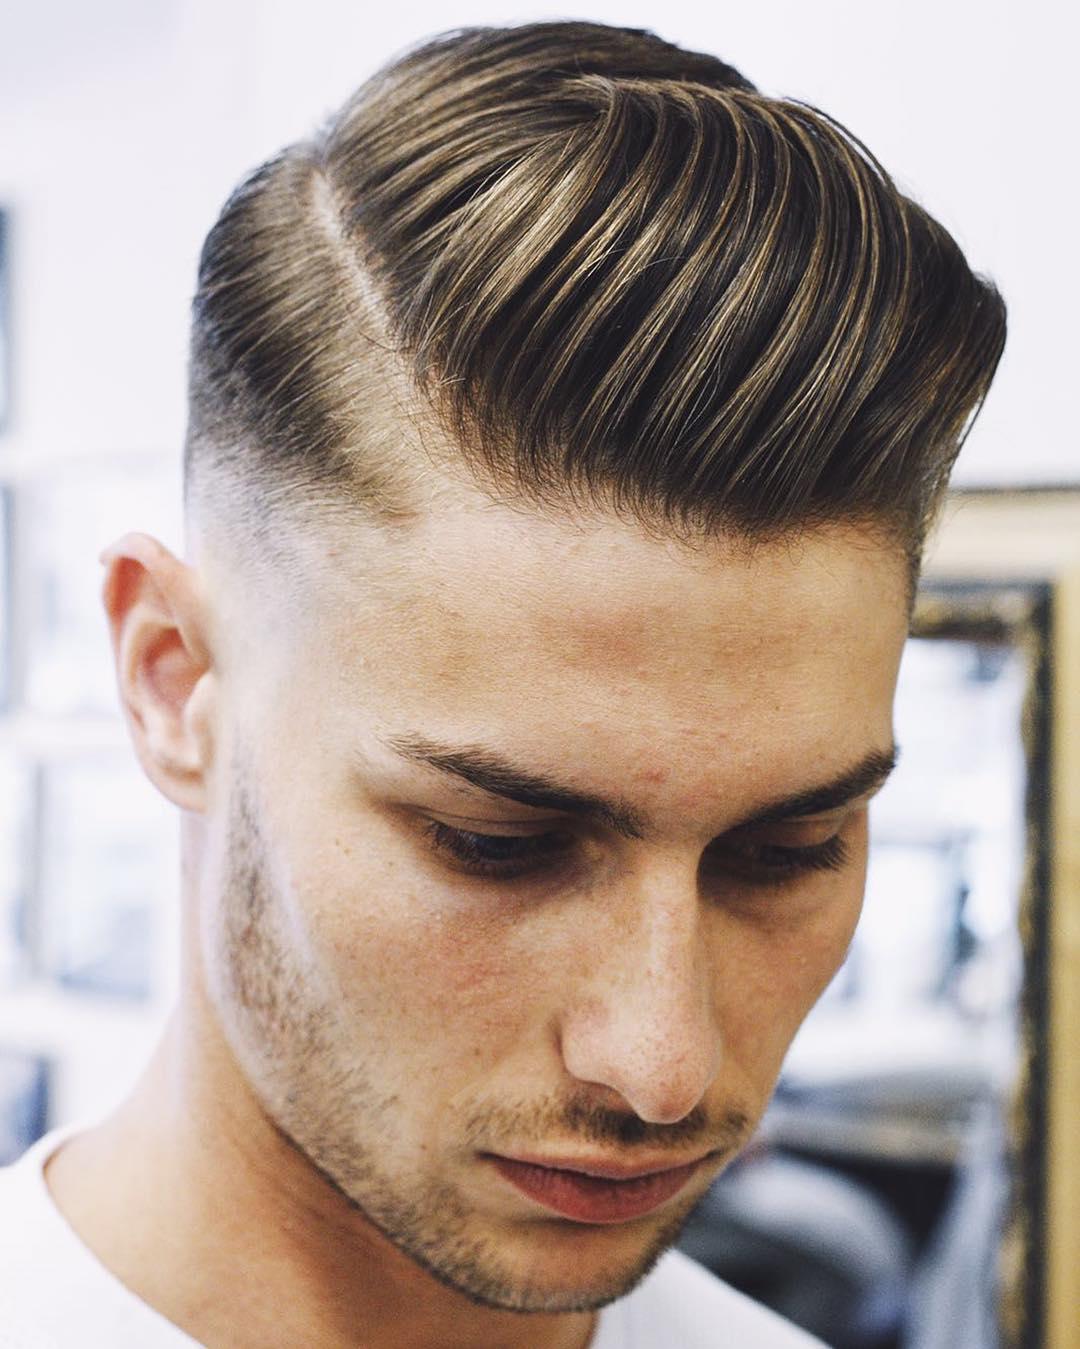 Estilo de peinado en hombre joven